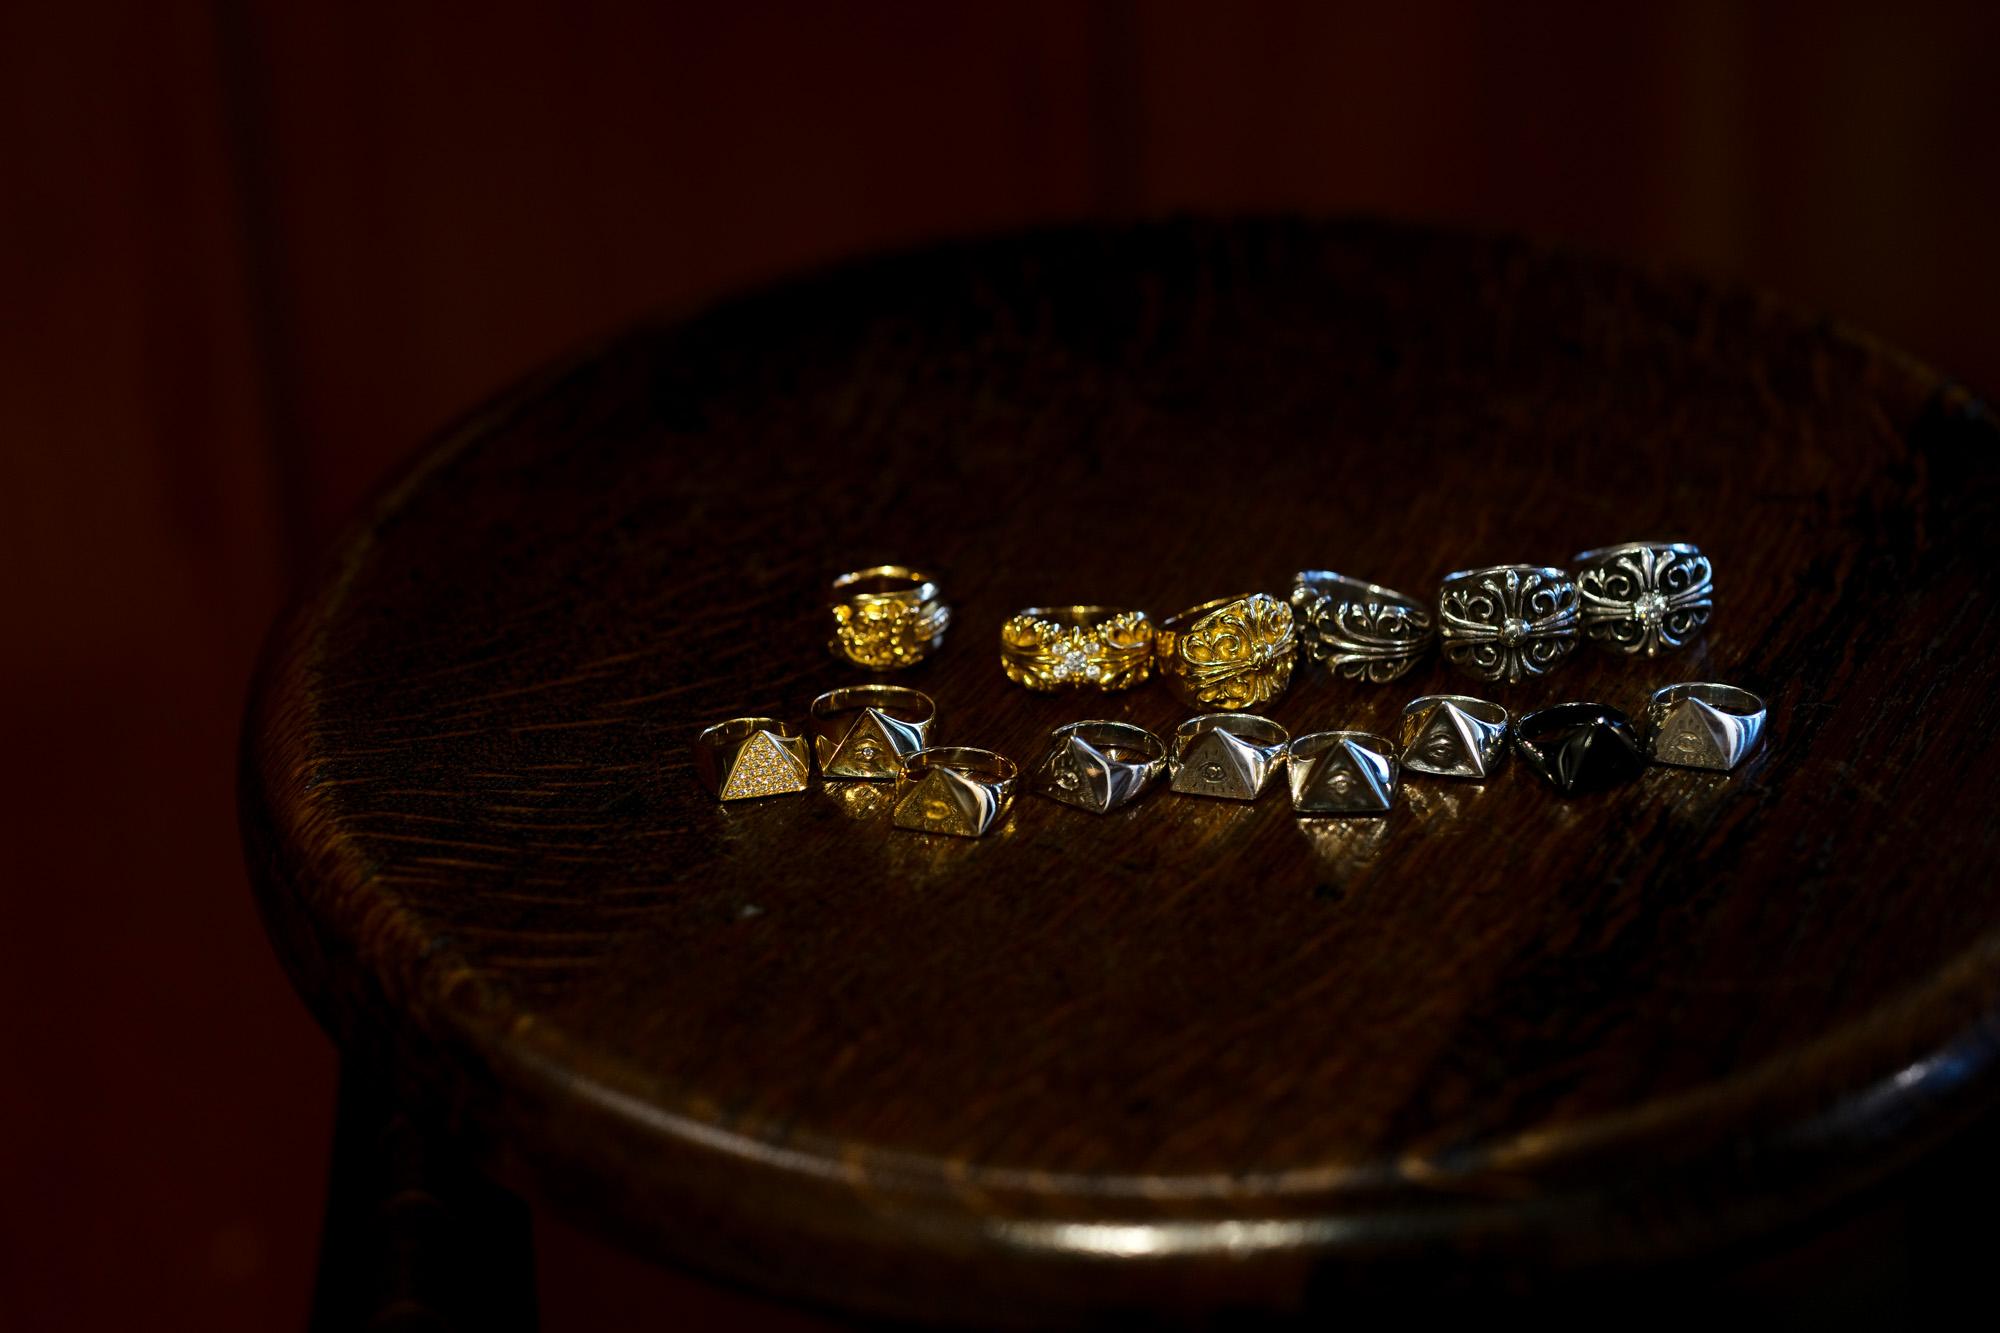 """FIXER """"ILLUMINATI EYES RING FULL PAVE WHITE DIAMOND 22K GOLD"""" × FIXER """"ILLUMINATI EYES RING WHITE DIAMOND 22K GOLD SP"""" × FIXER """"ILLUMINATI EYES RING 18K GOLD"""" × FIXER """"ILLUMINATI EYES RING PLATINUM PT 950"""" × FIXER """"ILLUMINATI EYES RING 18K WHITE GOLD"""" × FIXER """"ILLUMINATI EYES RING 18K WHITE GOLD SP"""" × FIXER """"ILLUMINATI EYES RING 925 STERLING SILVER"""" × FIXER """"ILLUMINATI EYES RING BLACK RHODIUM"""" ×  FIXER """"ILLUMINATI EYES RING 925 STERLING SILVER"""" × CHROME HEARTS """"DAGGER RING 22K"""" × CHROME HEARTS """"K&T RING 5 WHITE DIAMOND 22K"""" × CHROME HEARTS """"KEEPER RING 22K"""" × CHROME HEARTS """"K&T RING 925silver"""" × CHROME HEARTS """"KEEPER RING 925silver"""" × CHROME HEARTS """"KEEPER RING WHITE DIAMOND 925silver"""" フィクサー イルミナティ アイズリング 18Kゴールド プラチナ 18Kホワイトゴールド 925シルバー ブラックロジウム クロムハーツ 22Kゴールド ダガーリング KTリング キーパーリング 5ダイヤ ワンダイヤ"""